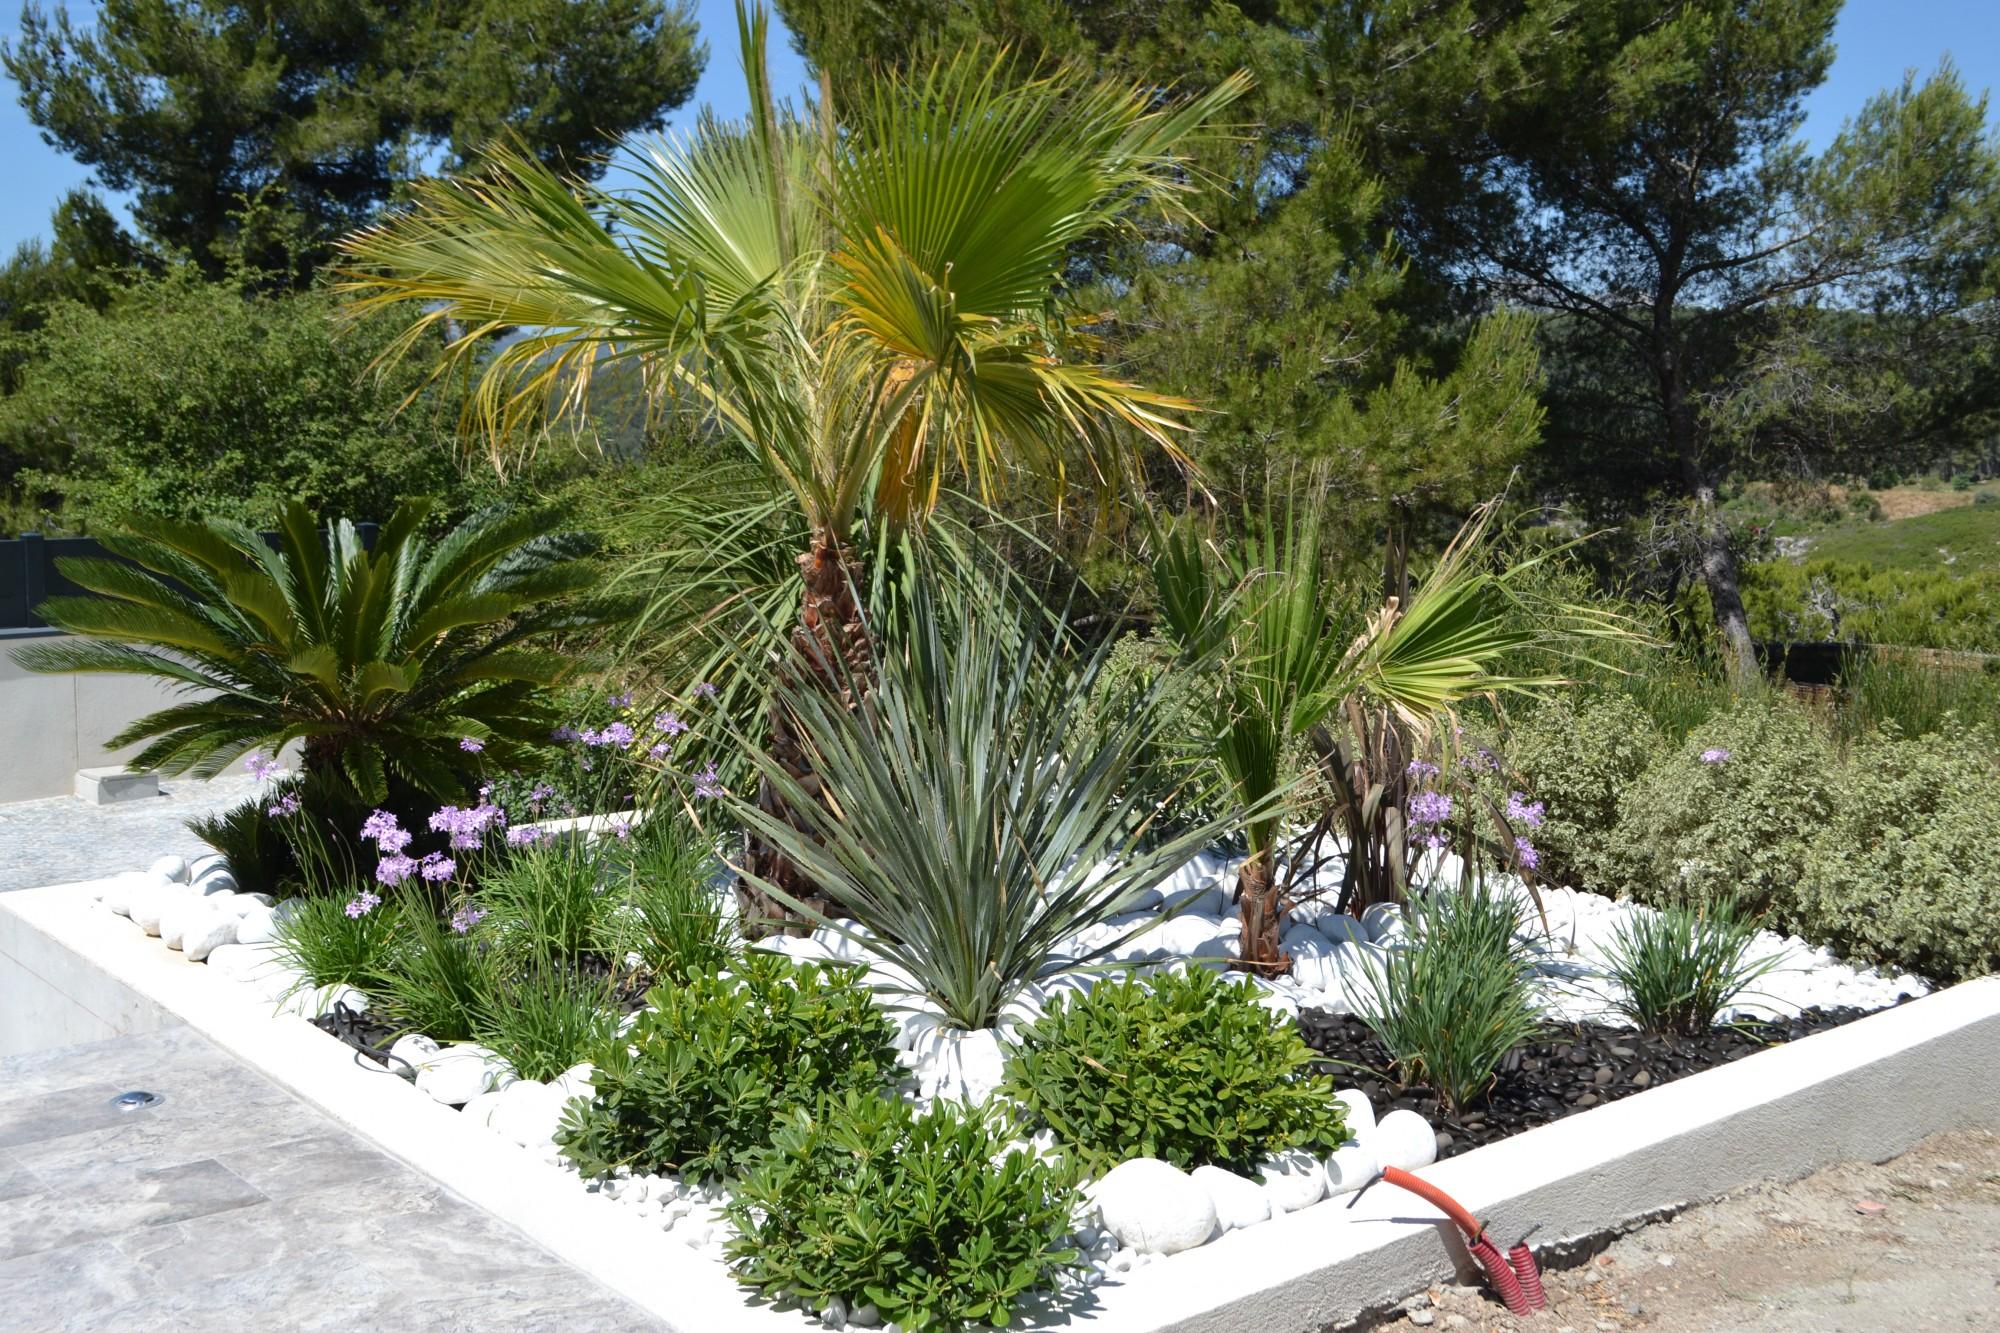 Am nagement paysager contemporain de jardini res autour d for Amenagement paysager autour piscine